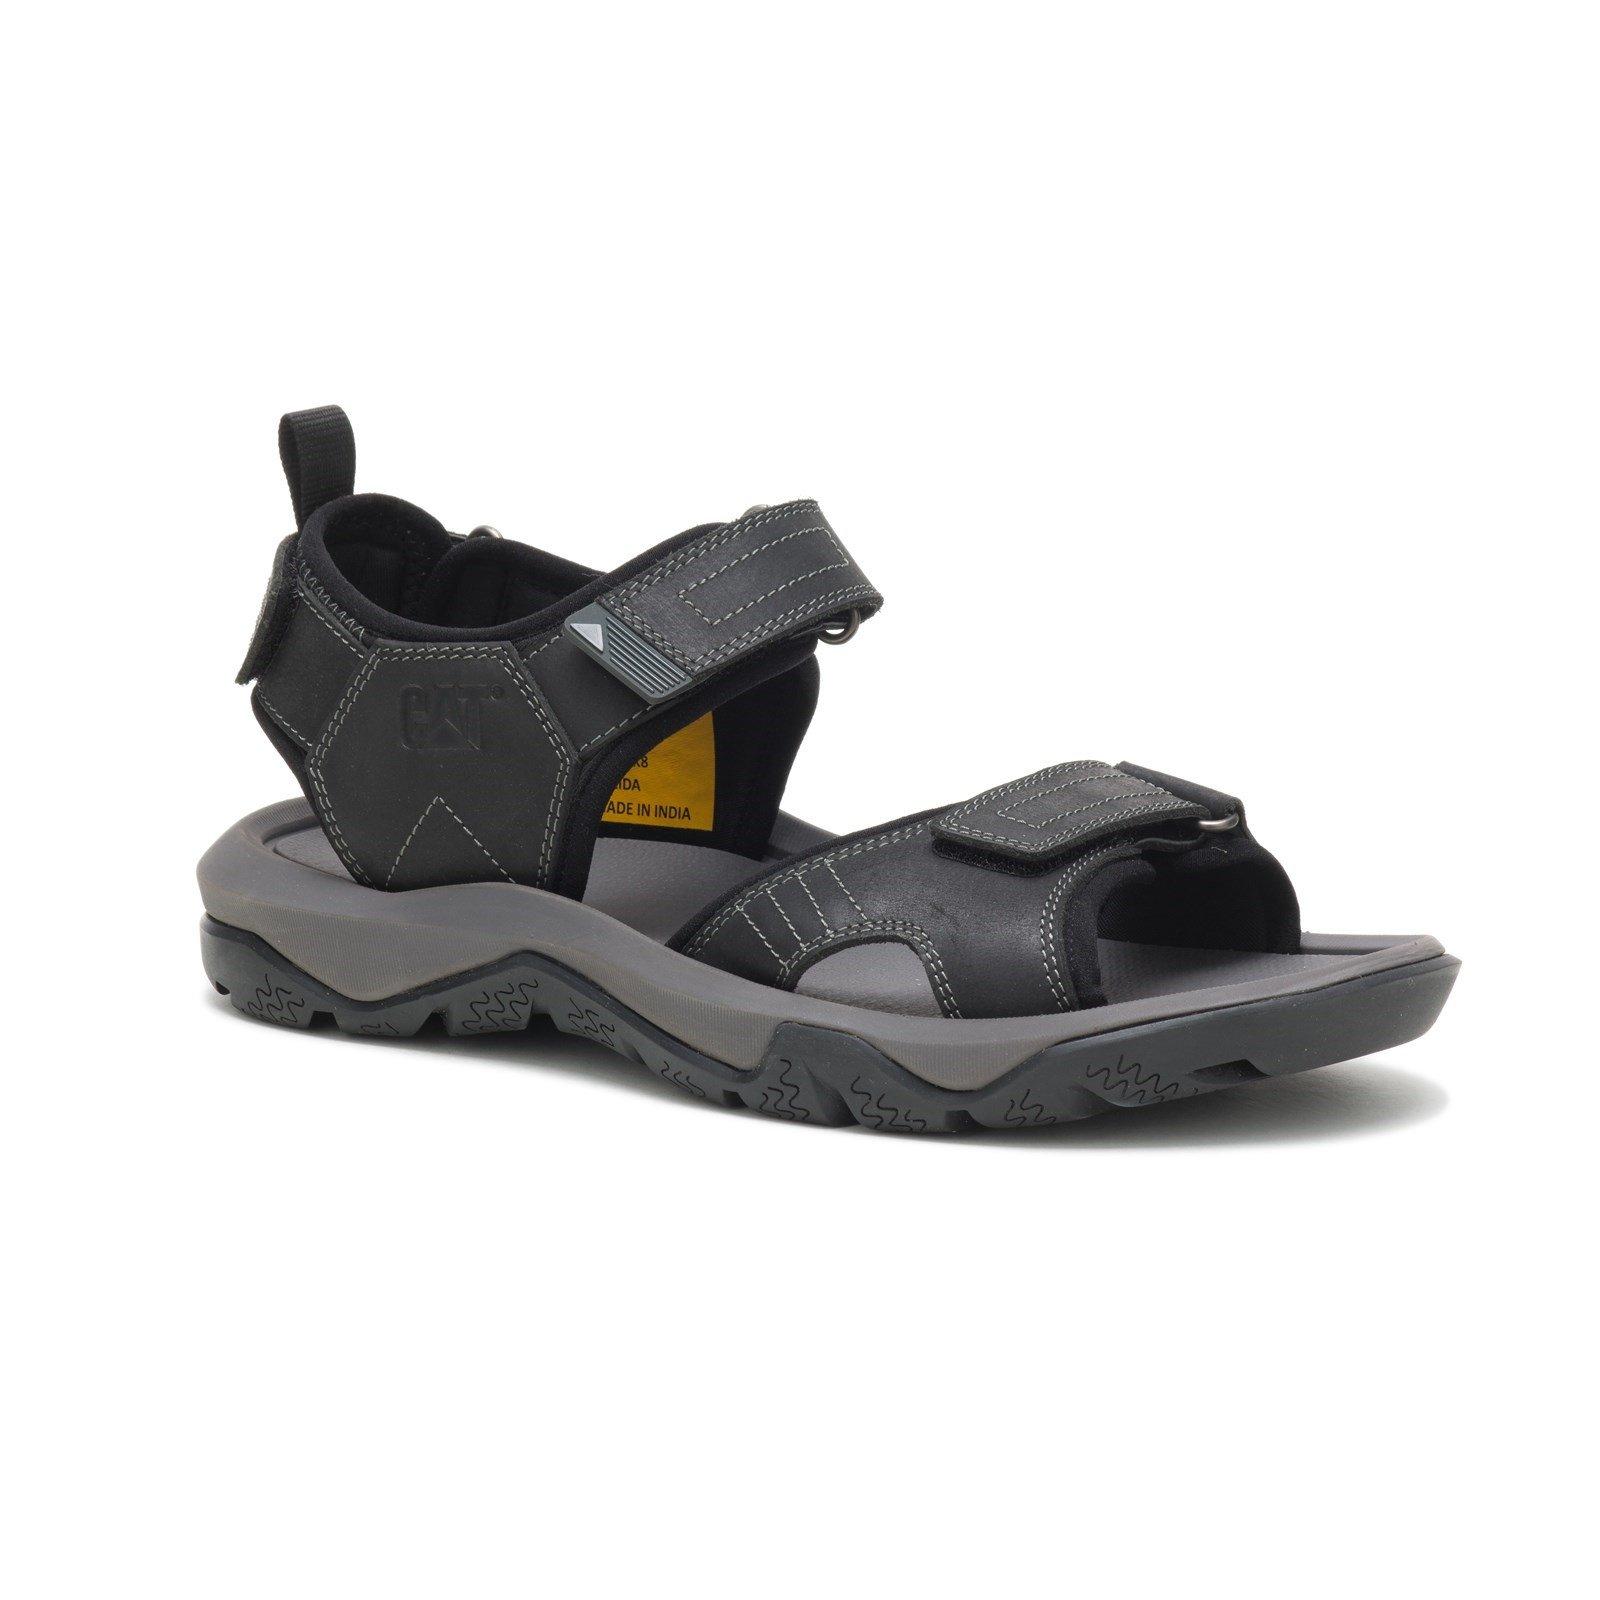 CAT Lifestyle Men's Waylon Sandal Various Colours 32269 - Black 7